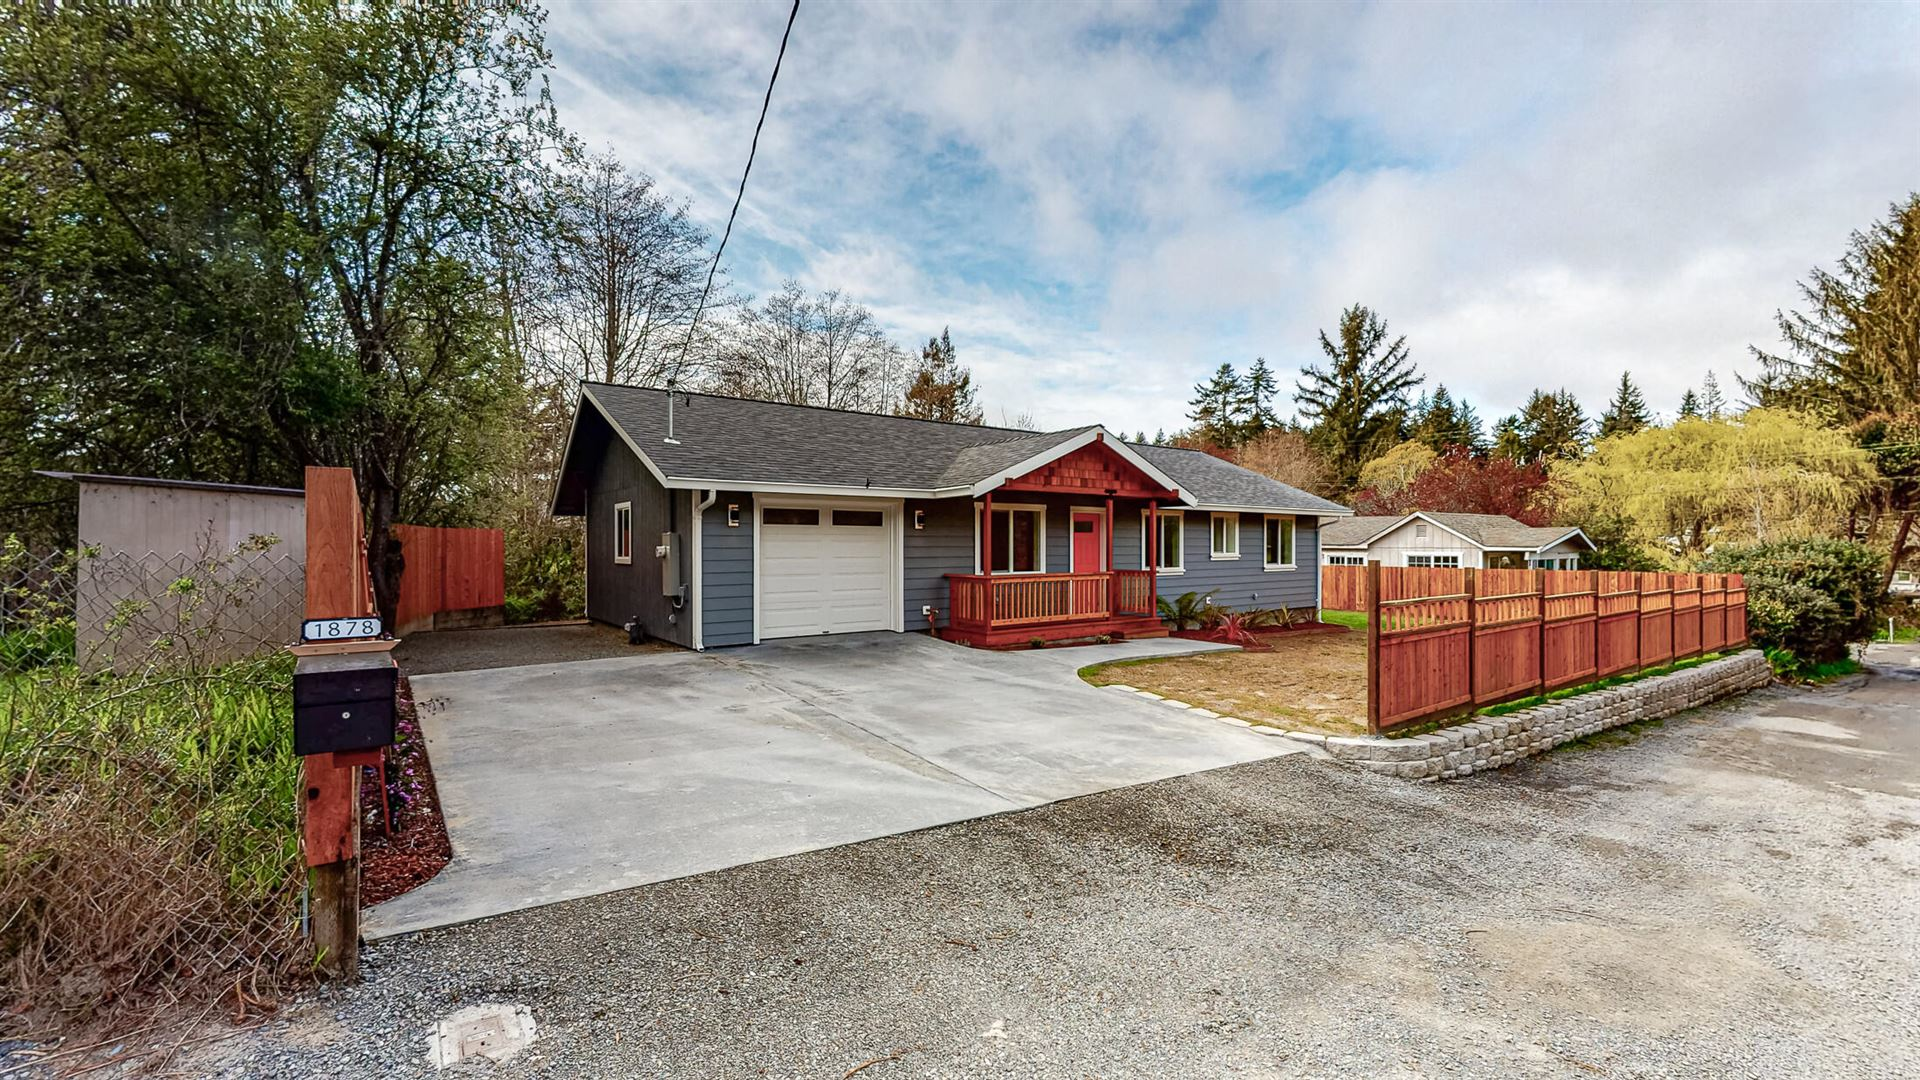 1878 D Avenue, McKinleyville, CA 95519 - MLS#: 258732